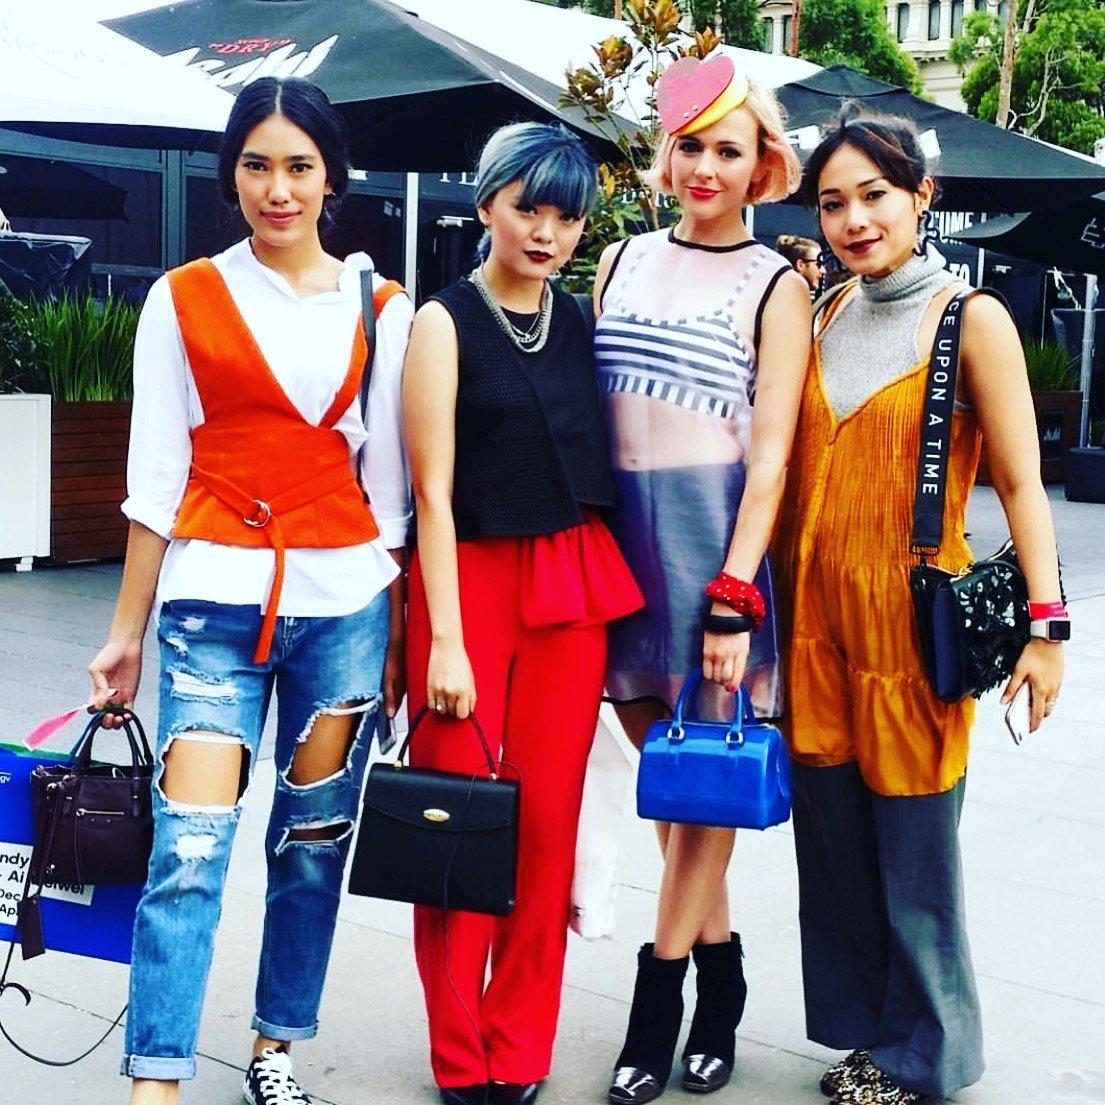 street style fashion Australia